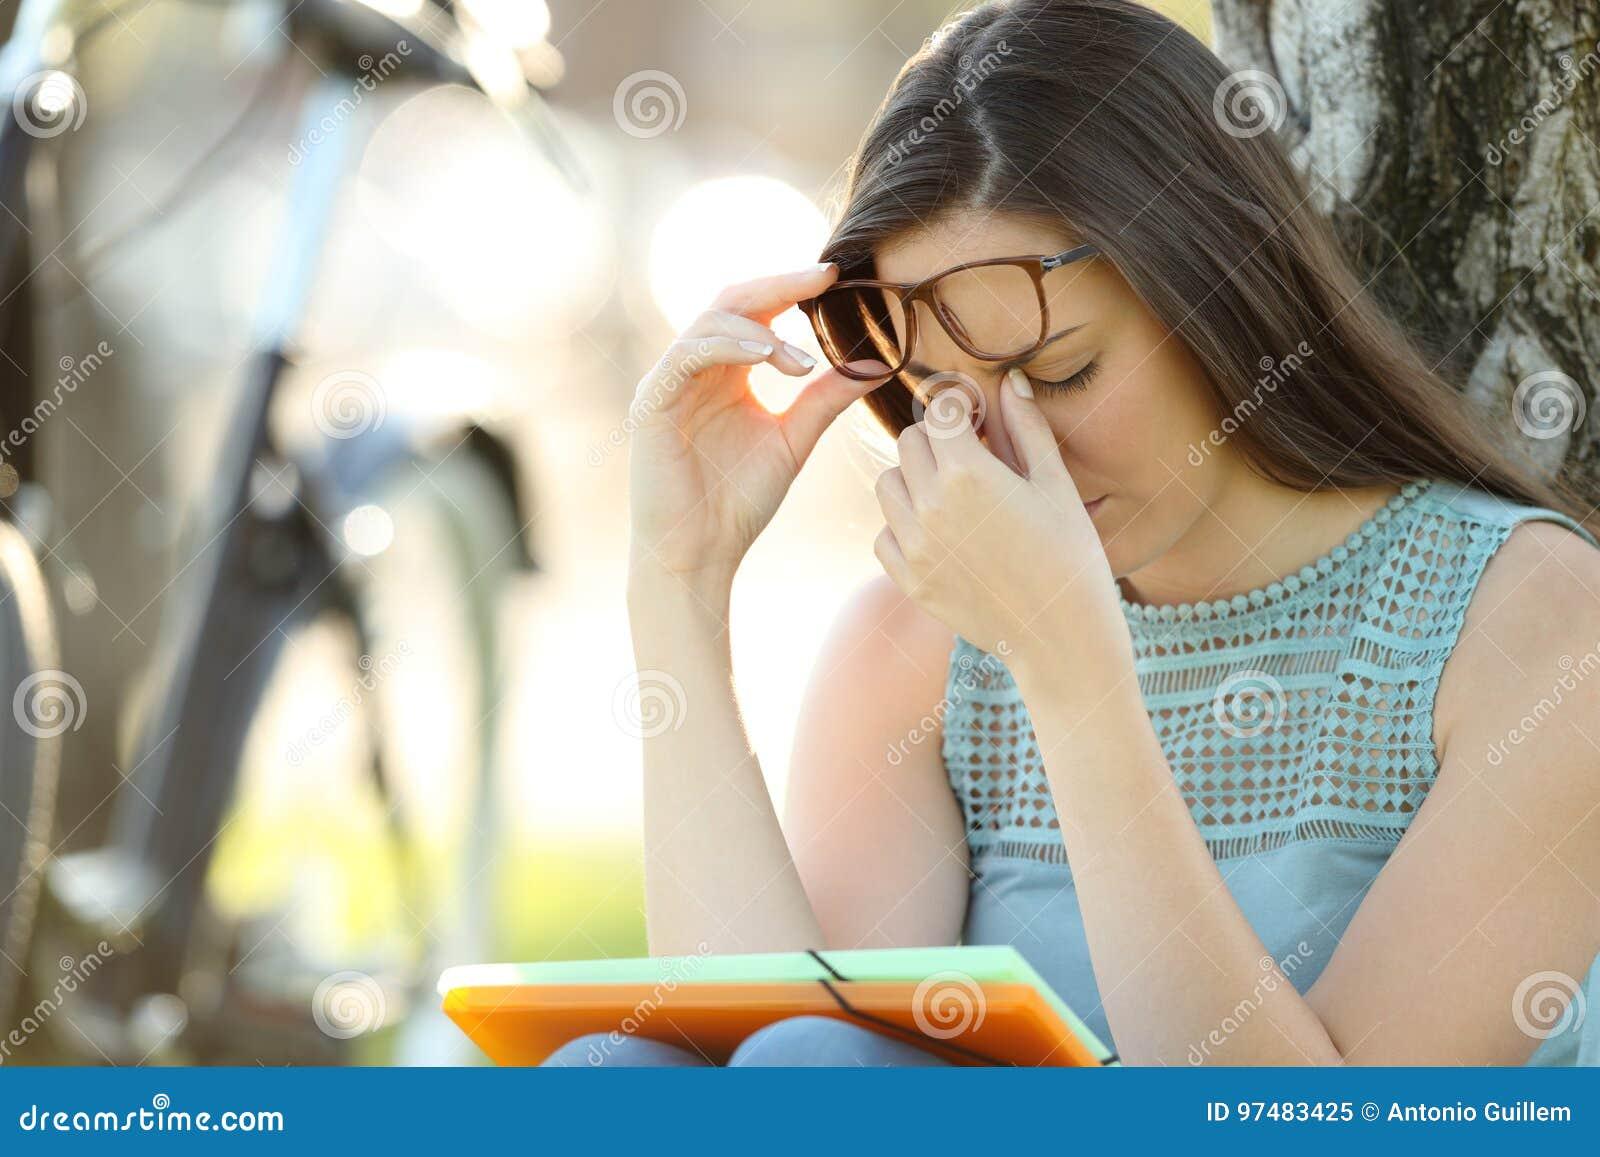 Affaticamento della vista di sofferenza dello studente mentre sta studiando